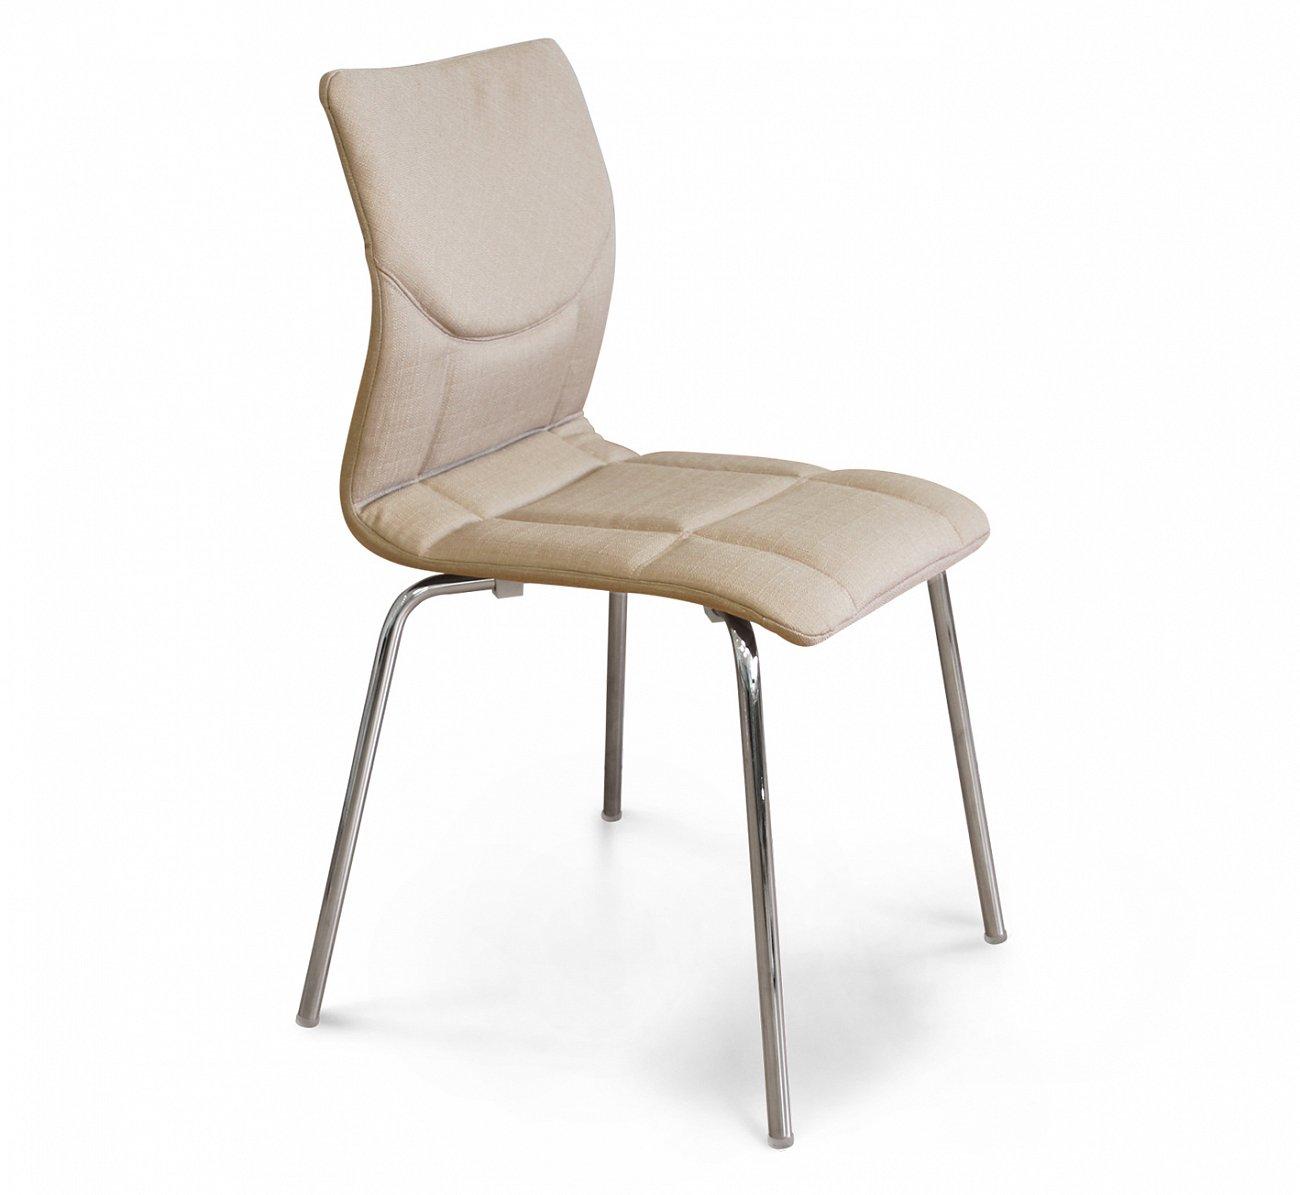 Купить Стул DSR бежевый S10 в интернет магазине дизайнерской мебели и аксессуаров для дома и дачи